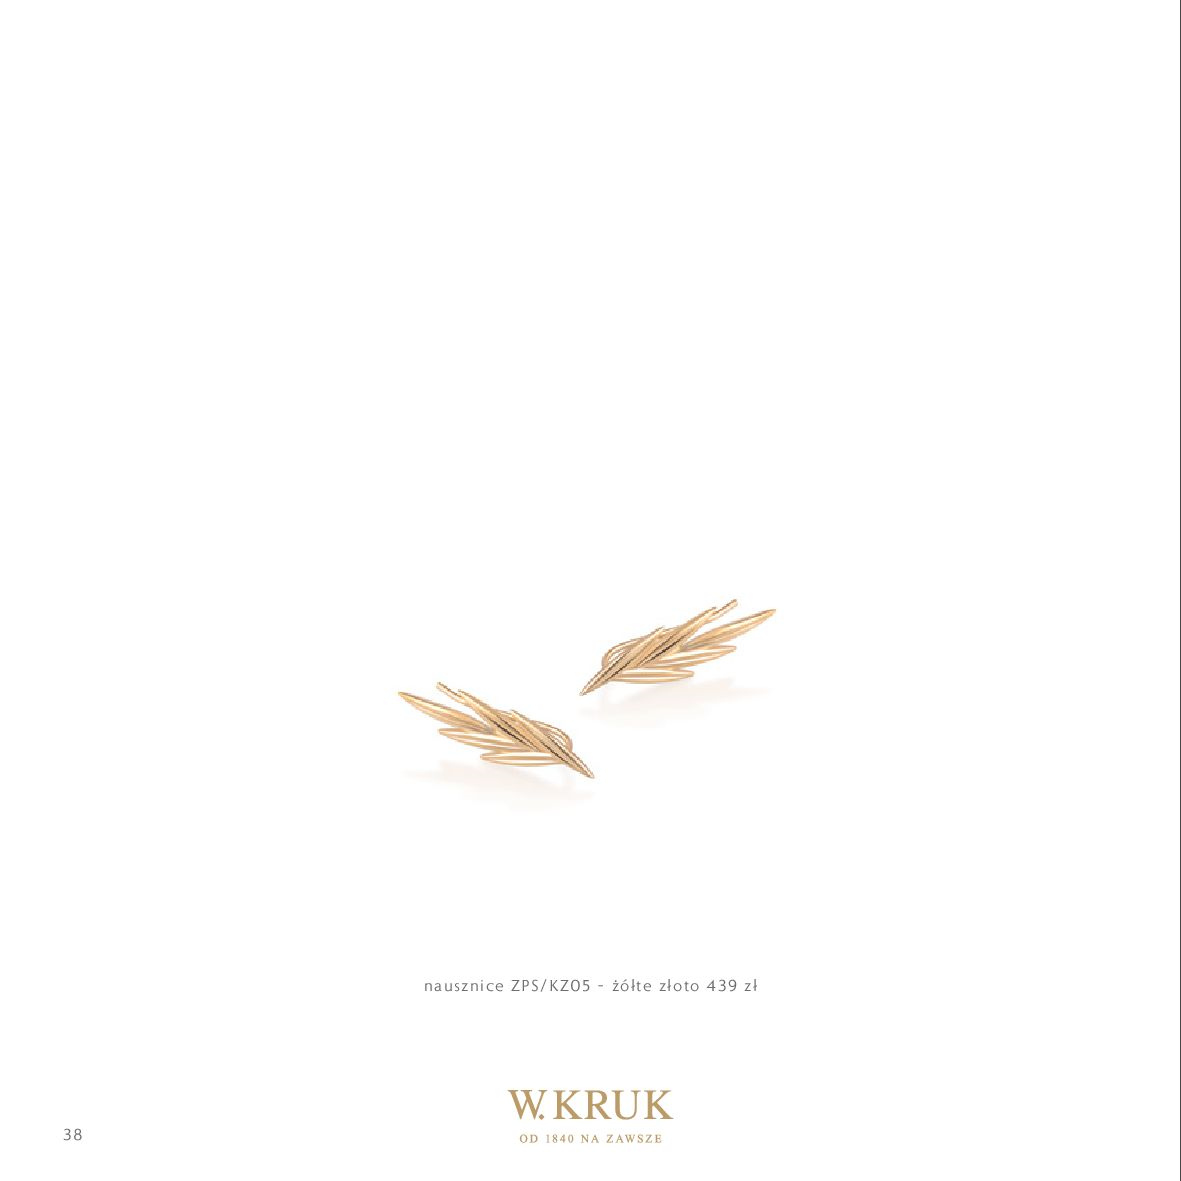 Gazetka W. KRUK: Katalog - Kolekcja Przyjaźń 2021-02-17 page-40